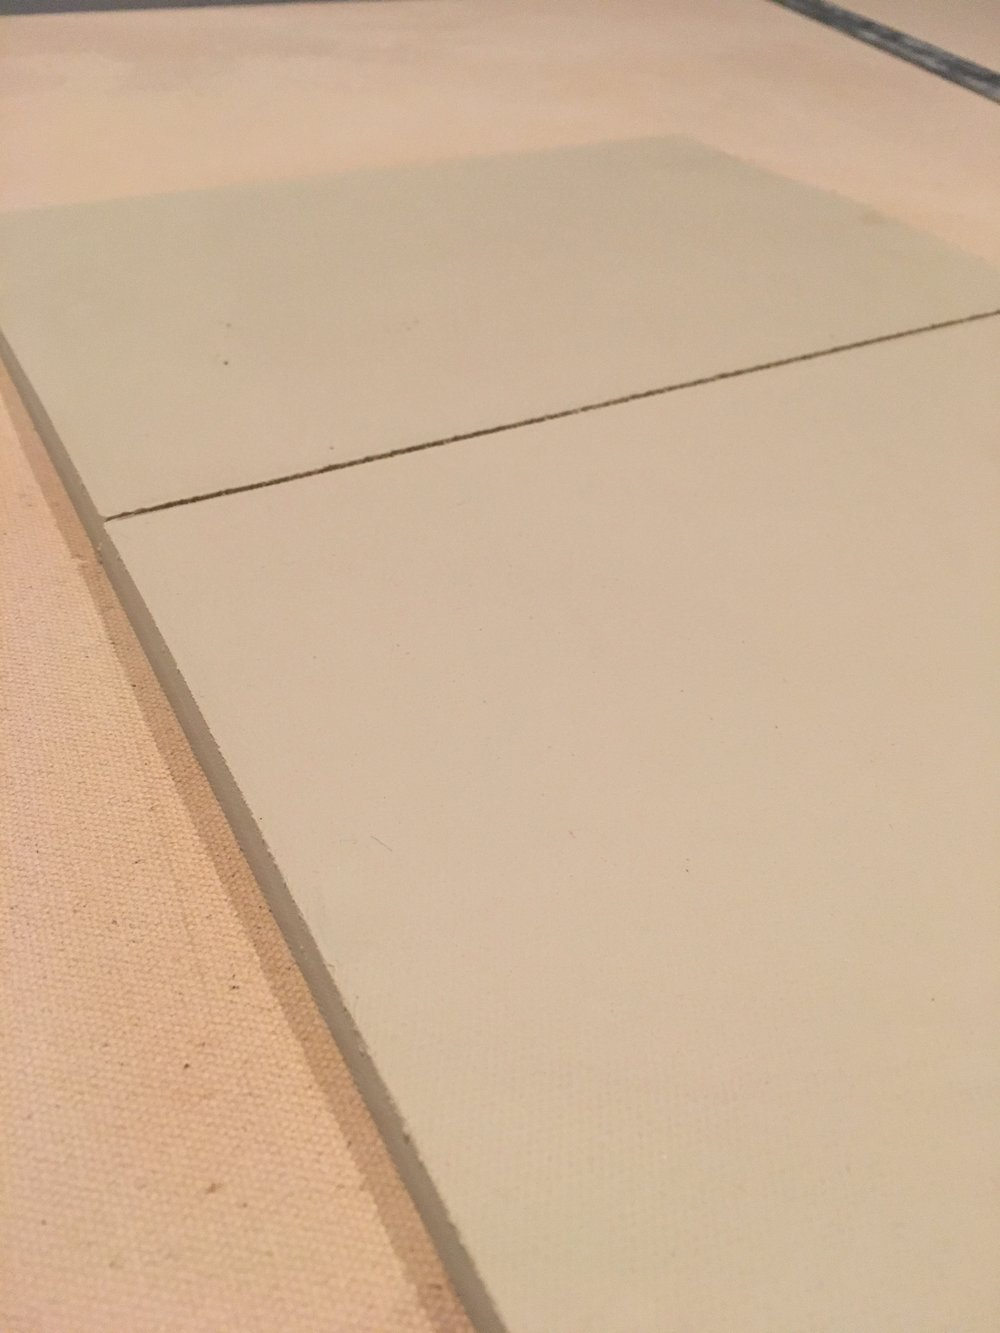 Ceramic -06.jpg